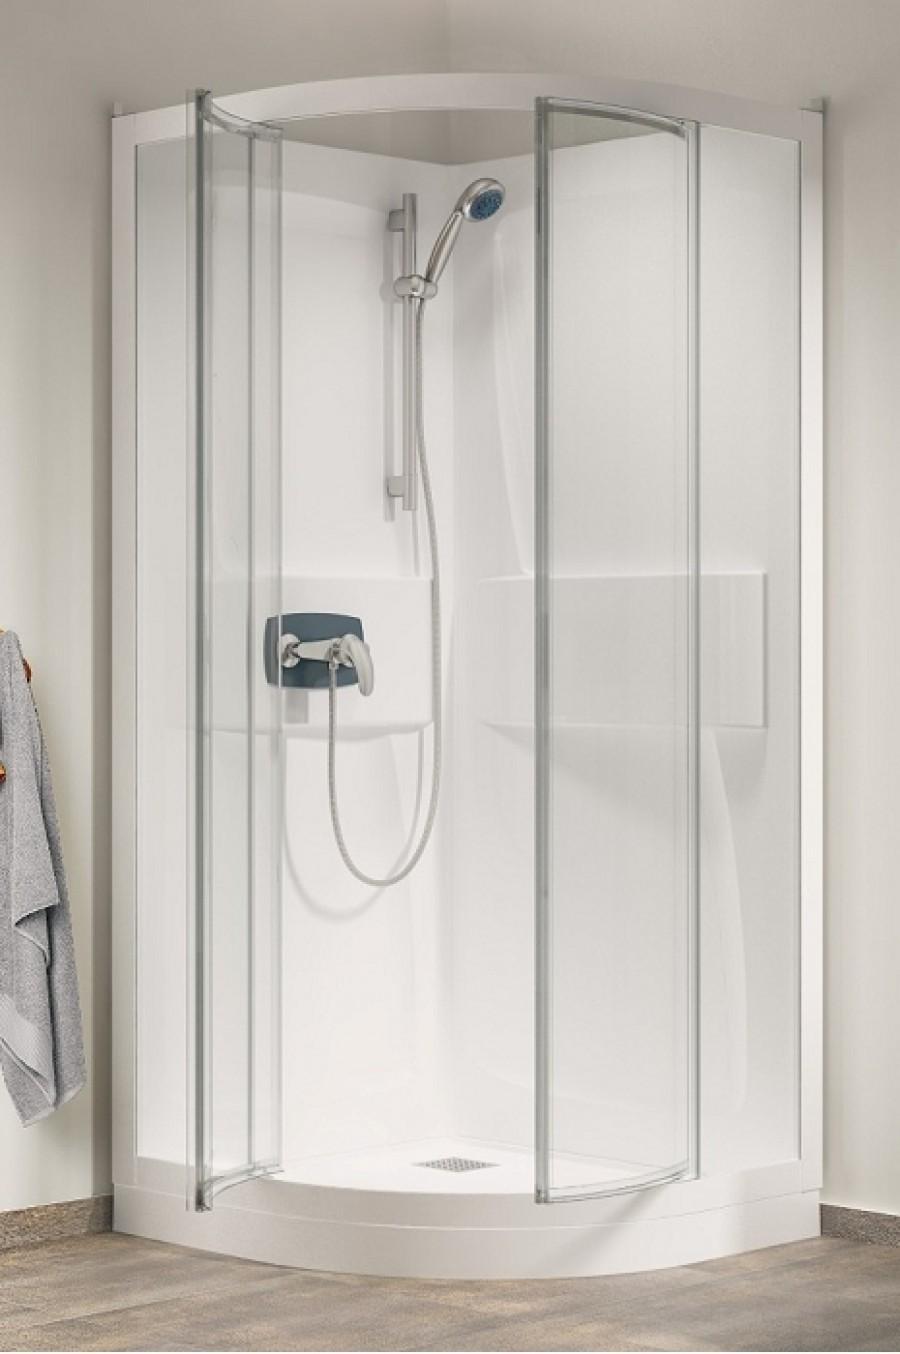 cabine de douche kineprime faible hauteur pivotante 1 4 de rond 90cm. Black Bedroom Furniture Sets. Home Design Ideas